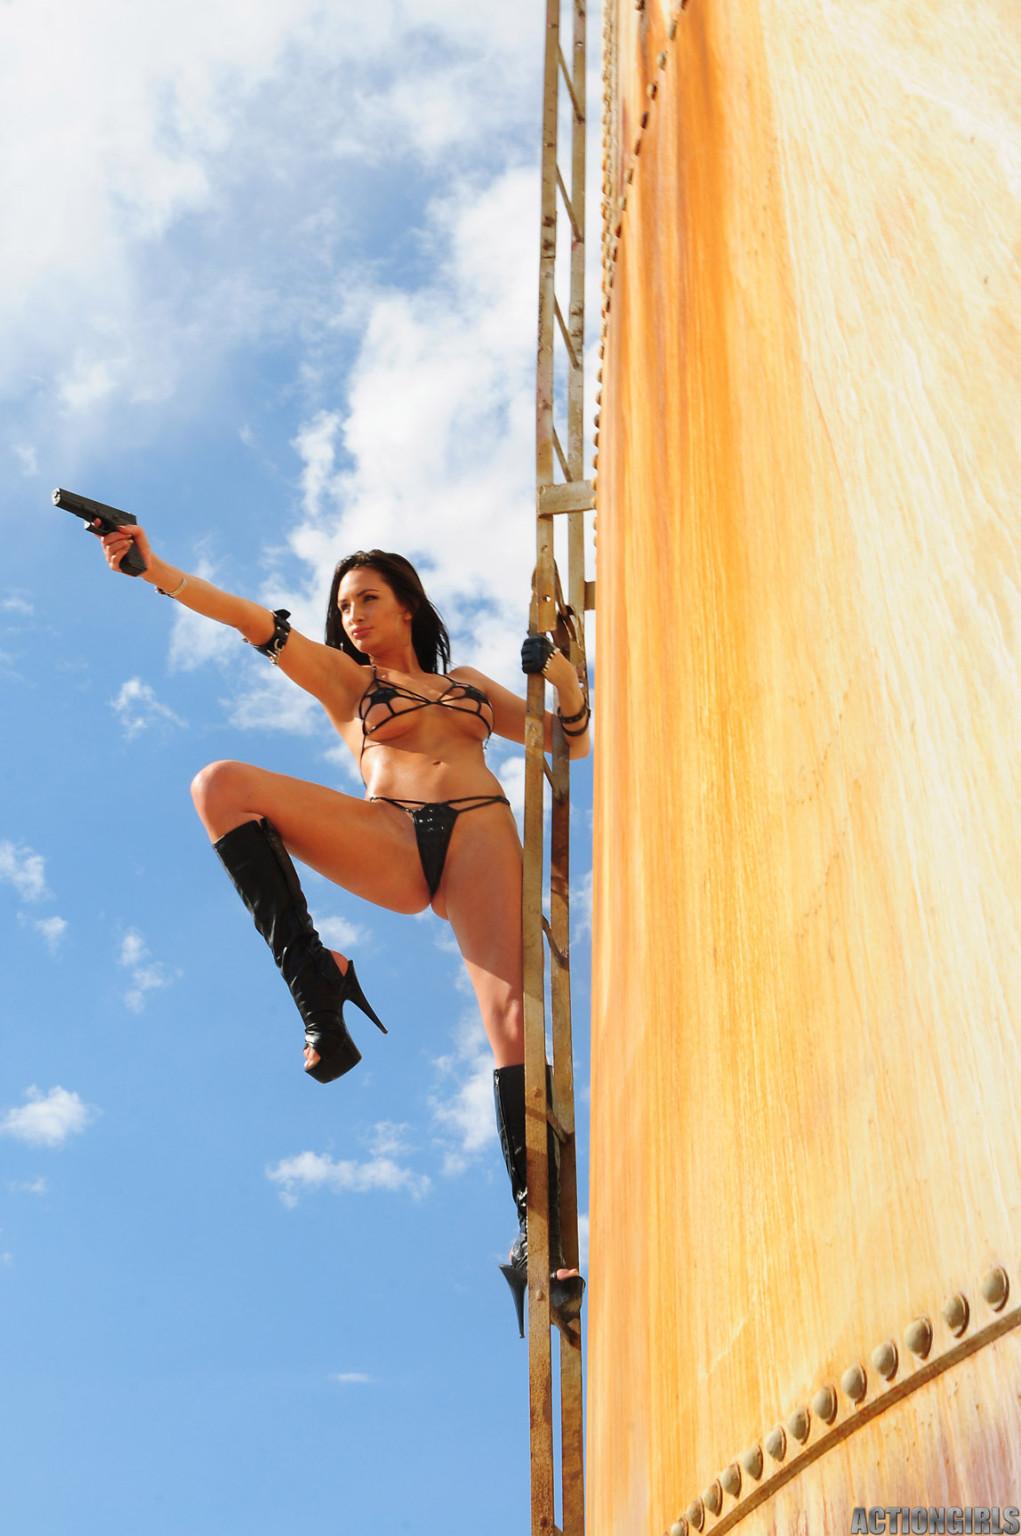 Рози Револьвер снимается в эротической картине, играя роль роковой телки с пистолетом и в одном нижнем белье